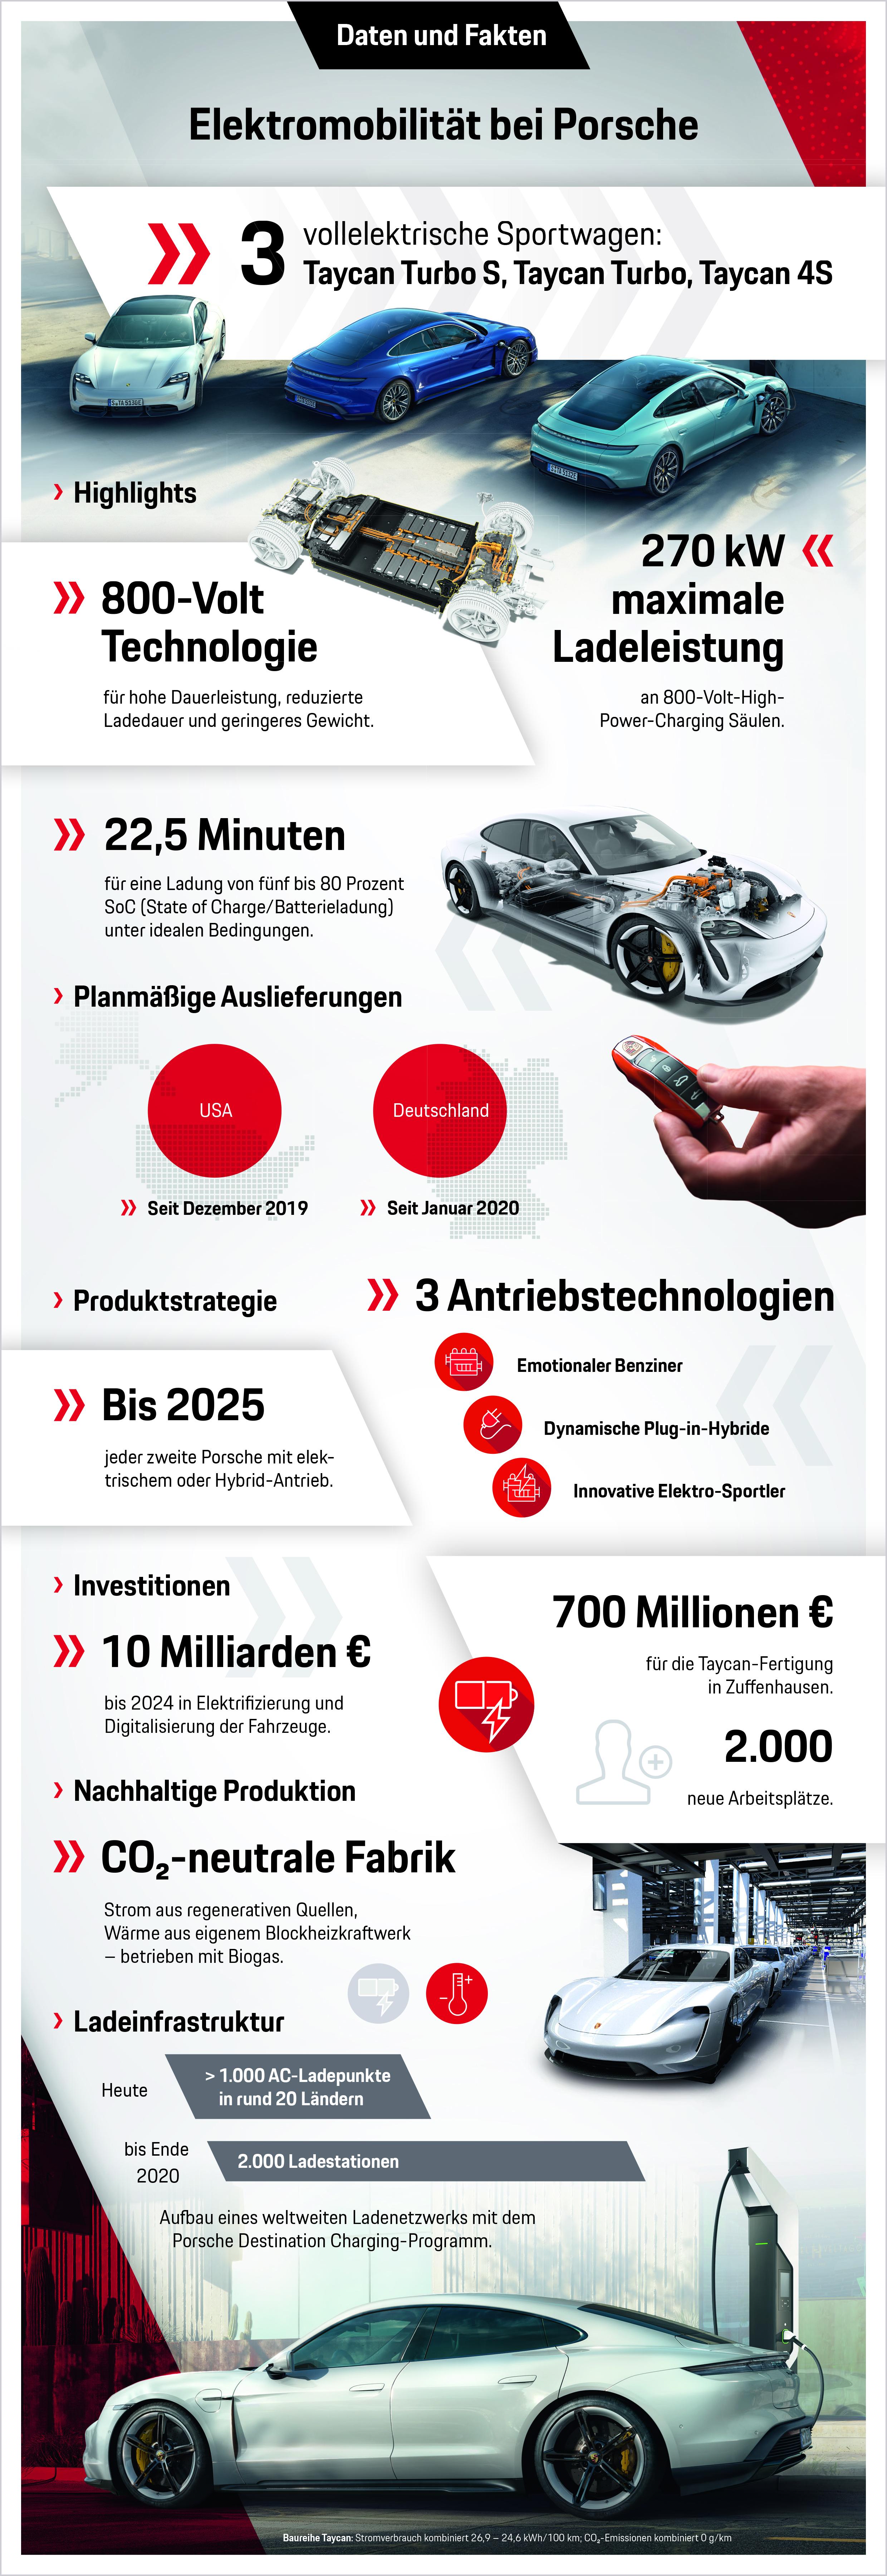 Elektromobilität bei Porsche, Infografik, 2020, Porsche AG